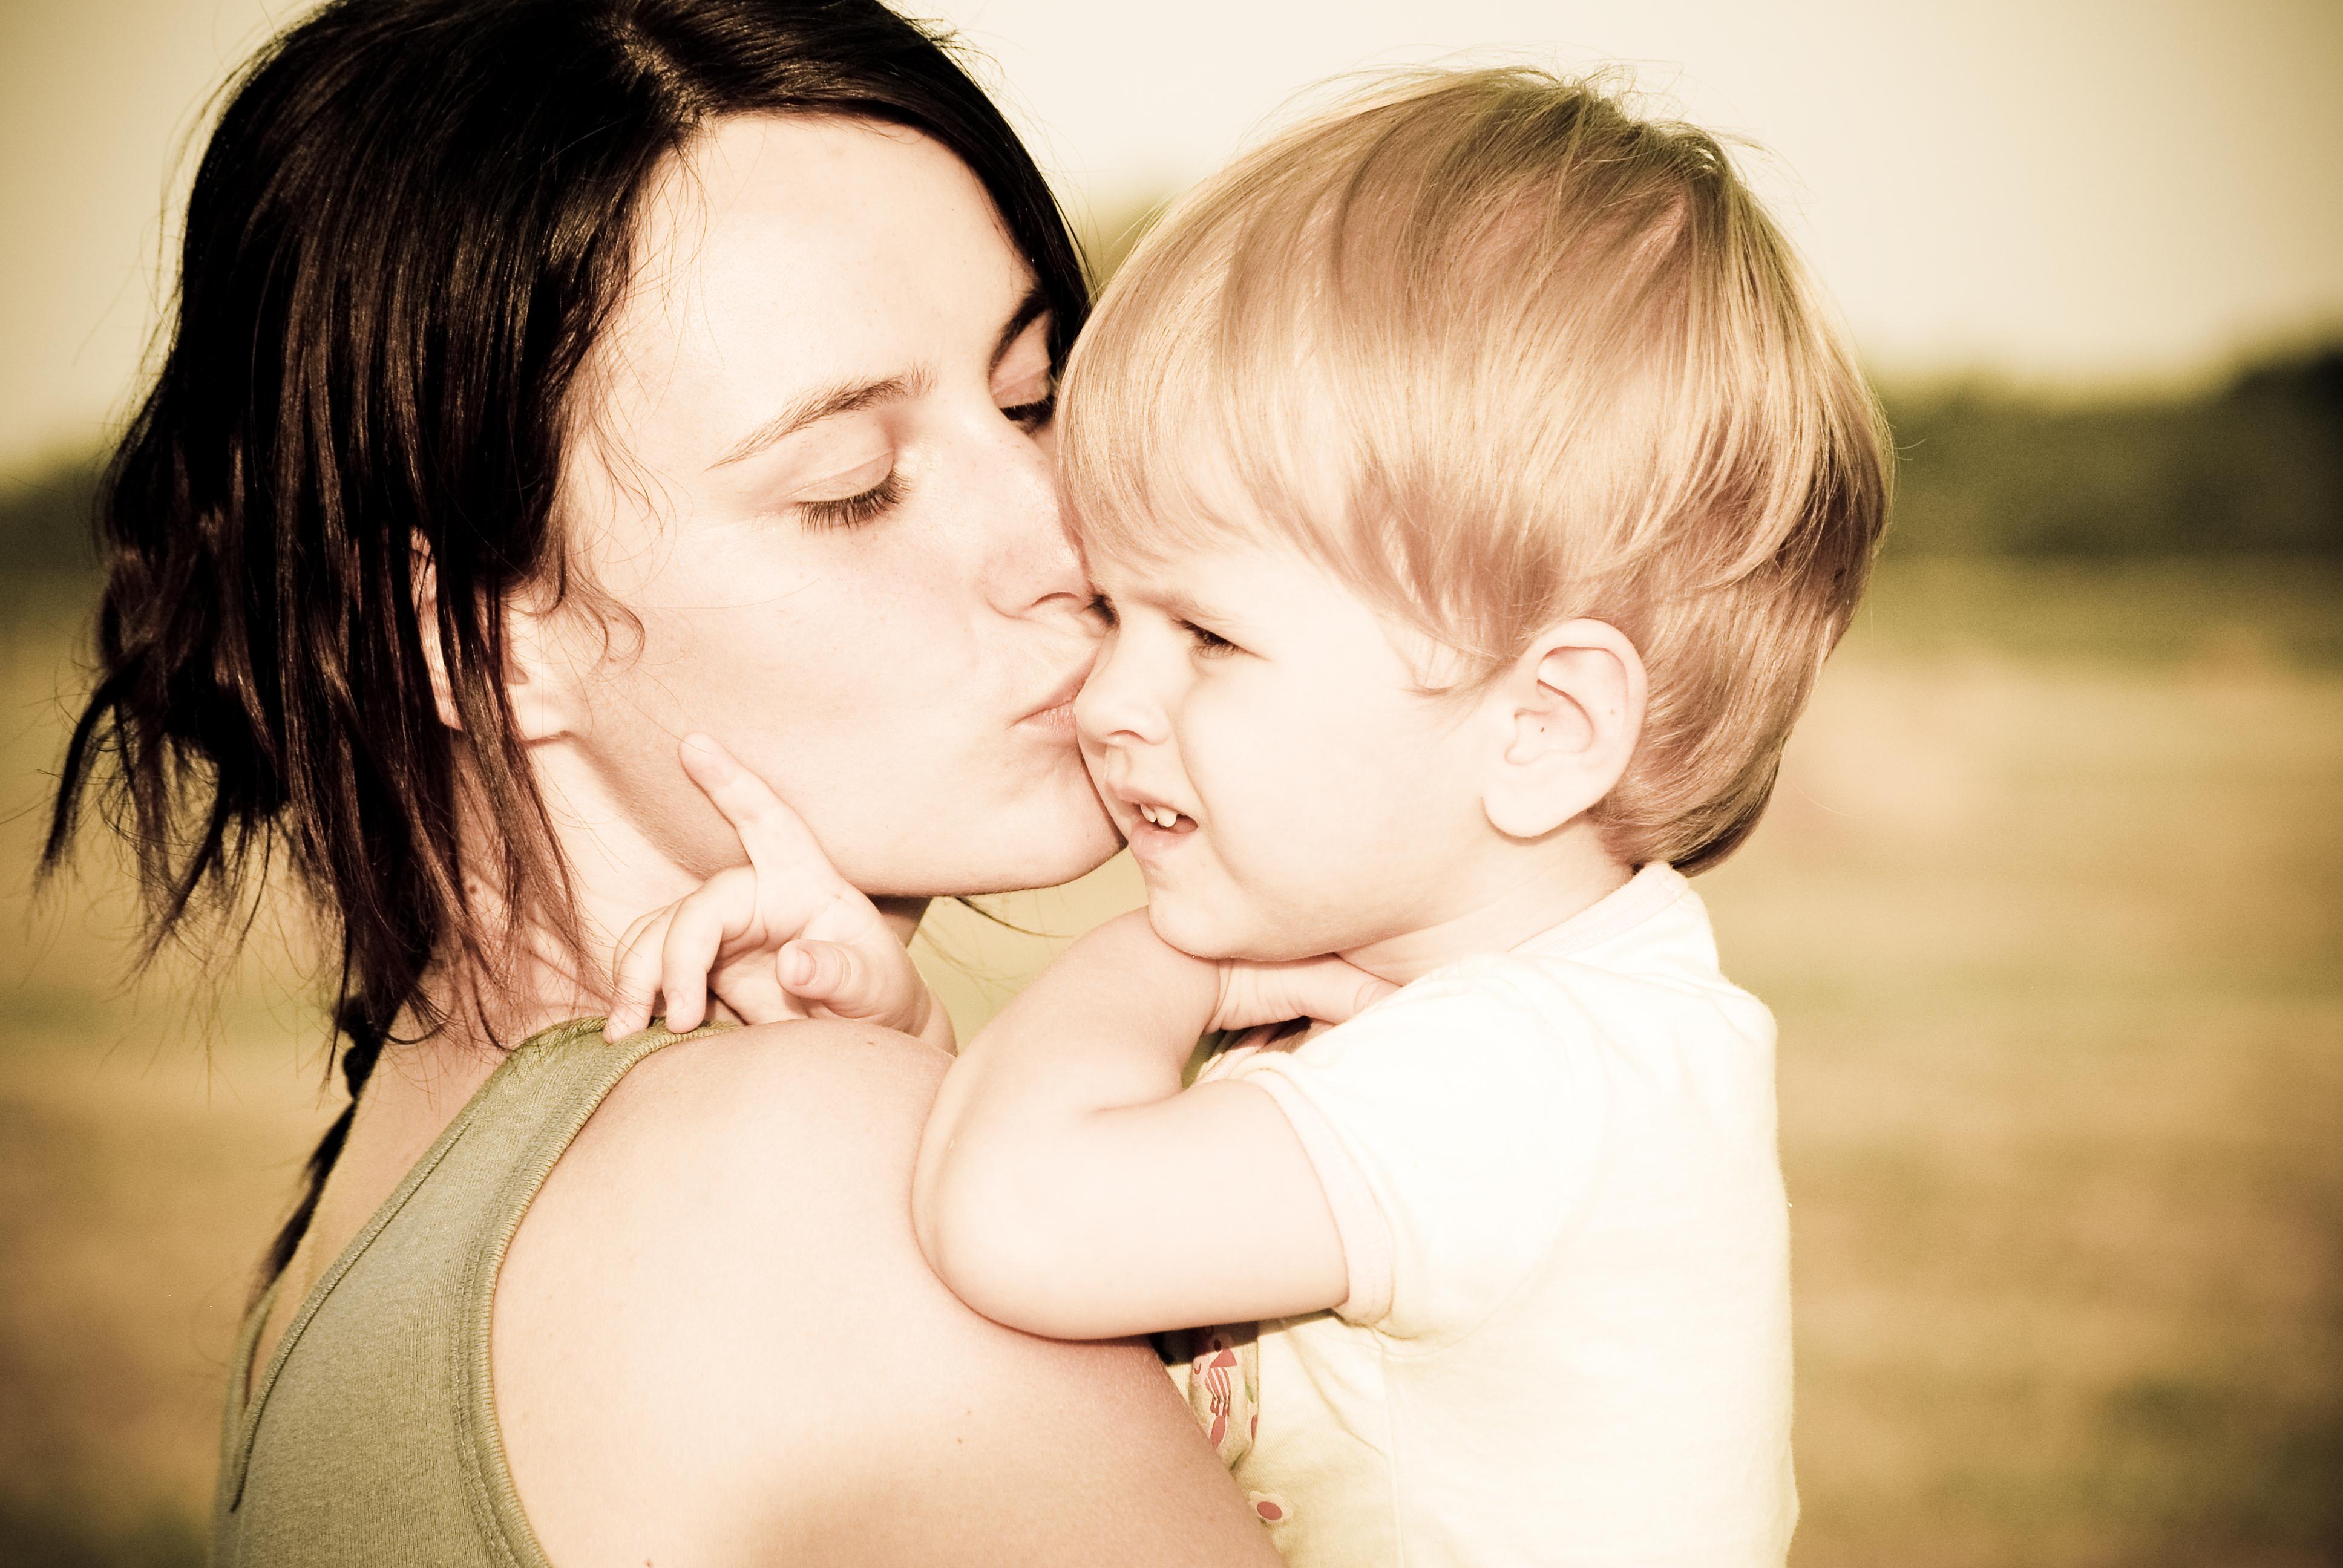 ¿Qué tipo de parentalidad estás ejerciendo?